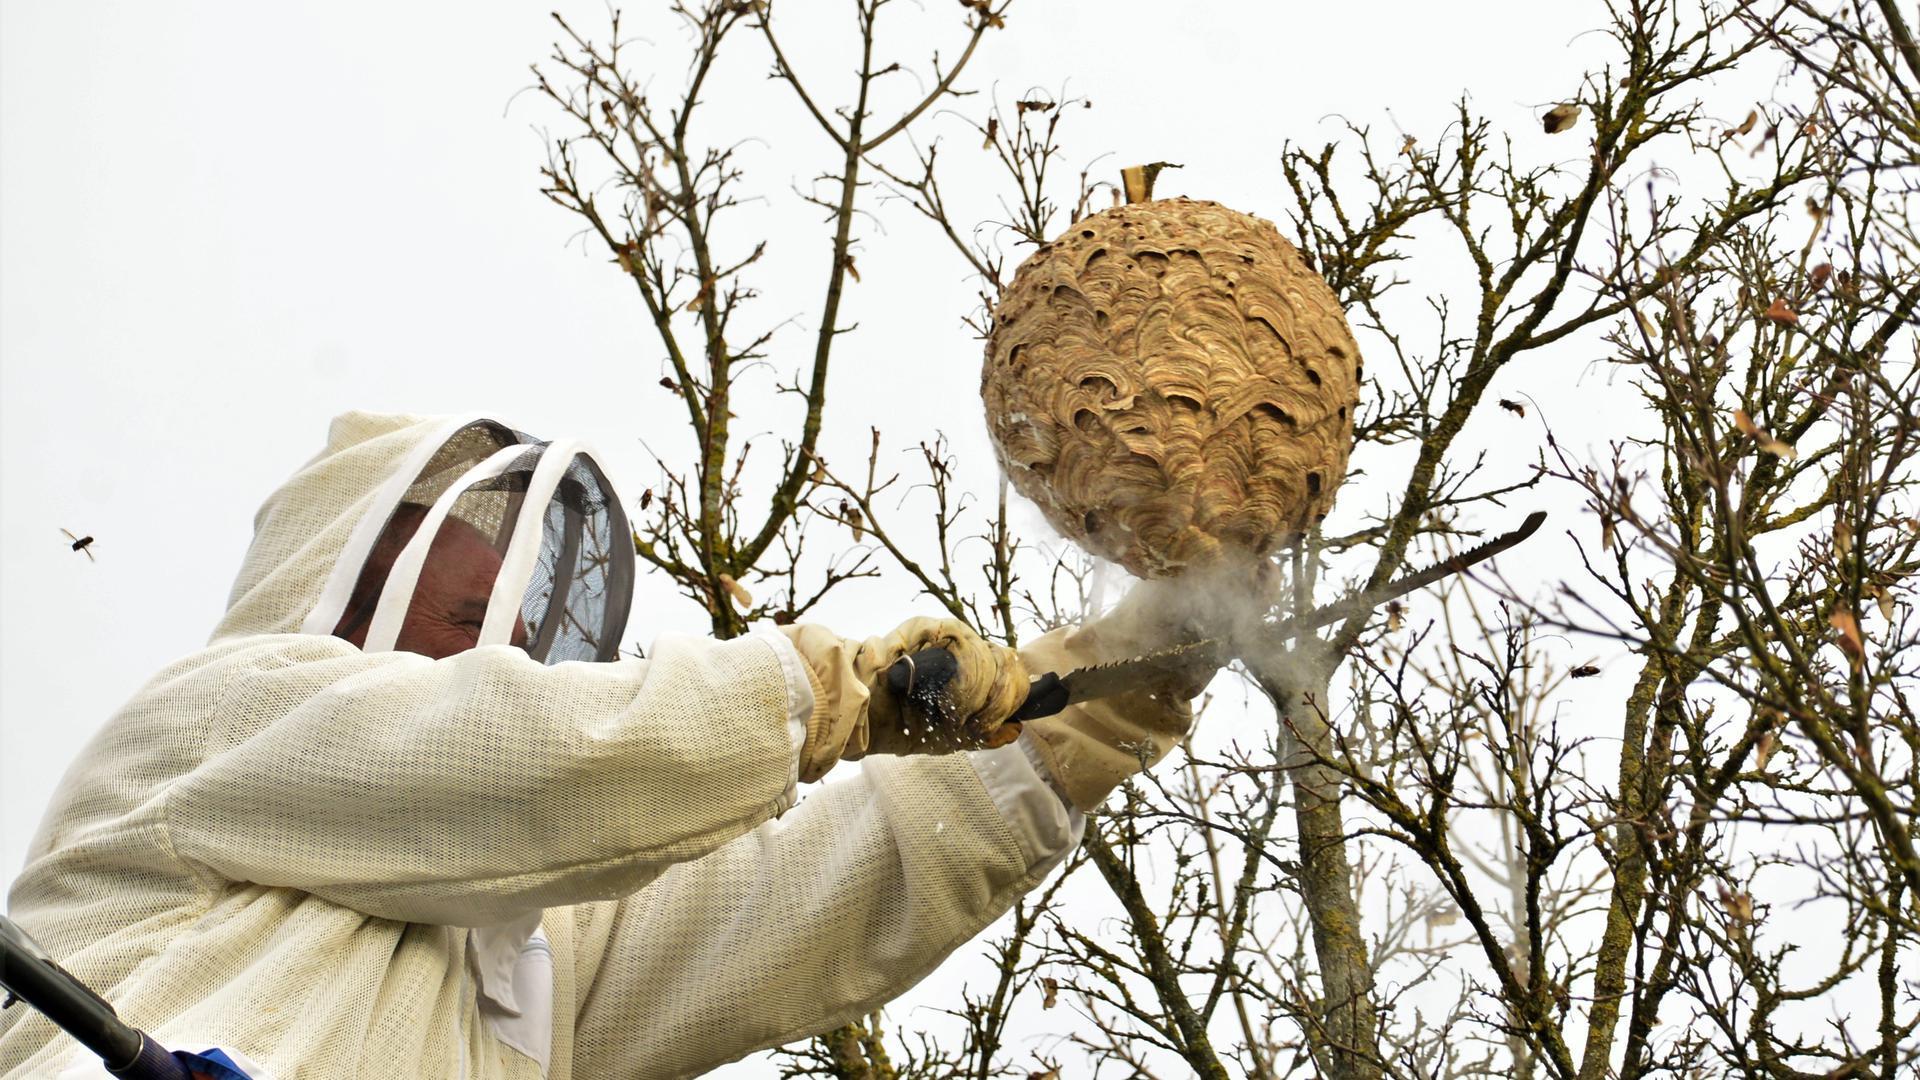 Bernhard Unser sägt in luftiger Höhe den Ast mit dem Hornissen-Nest ab. Die Tiere wurden zuvor mit Kohlendioxid betäubt.